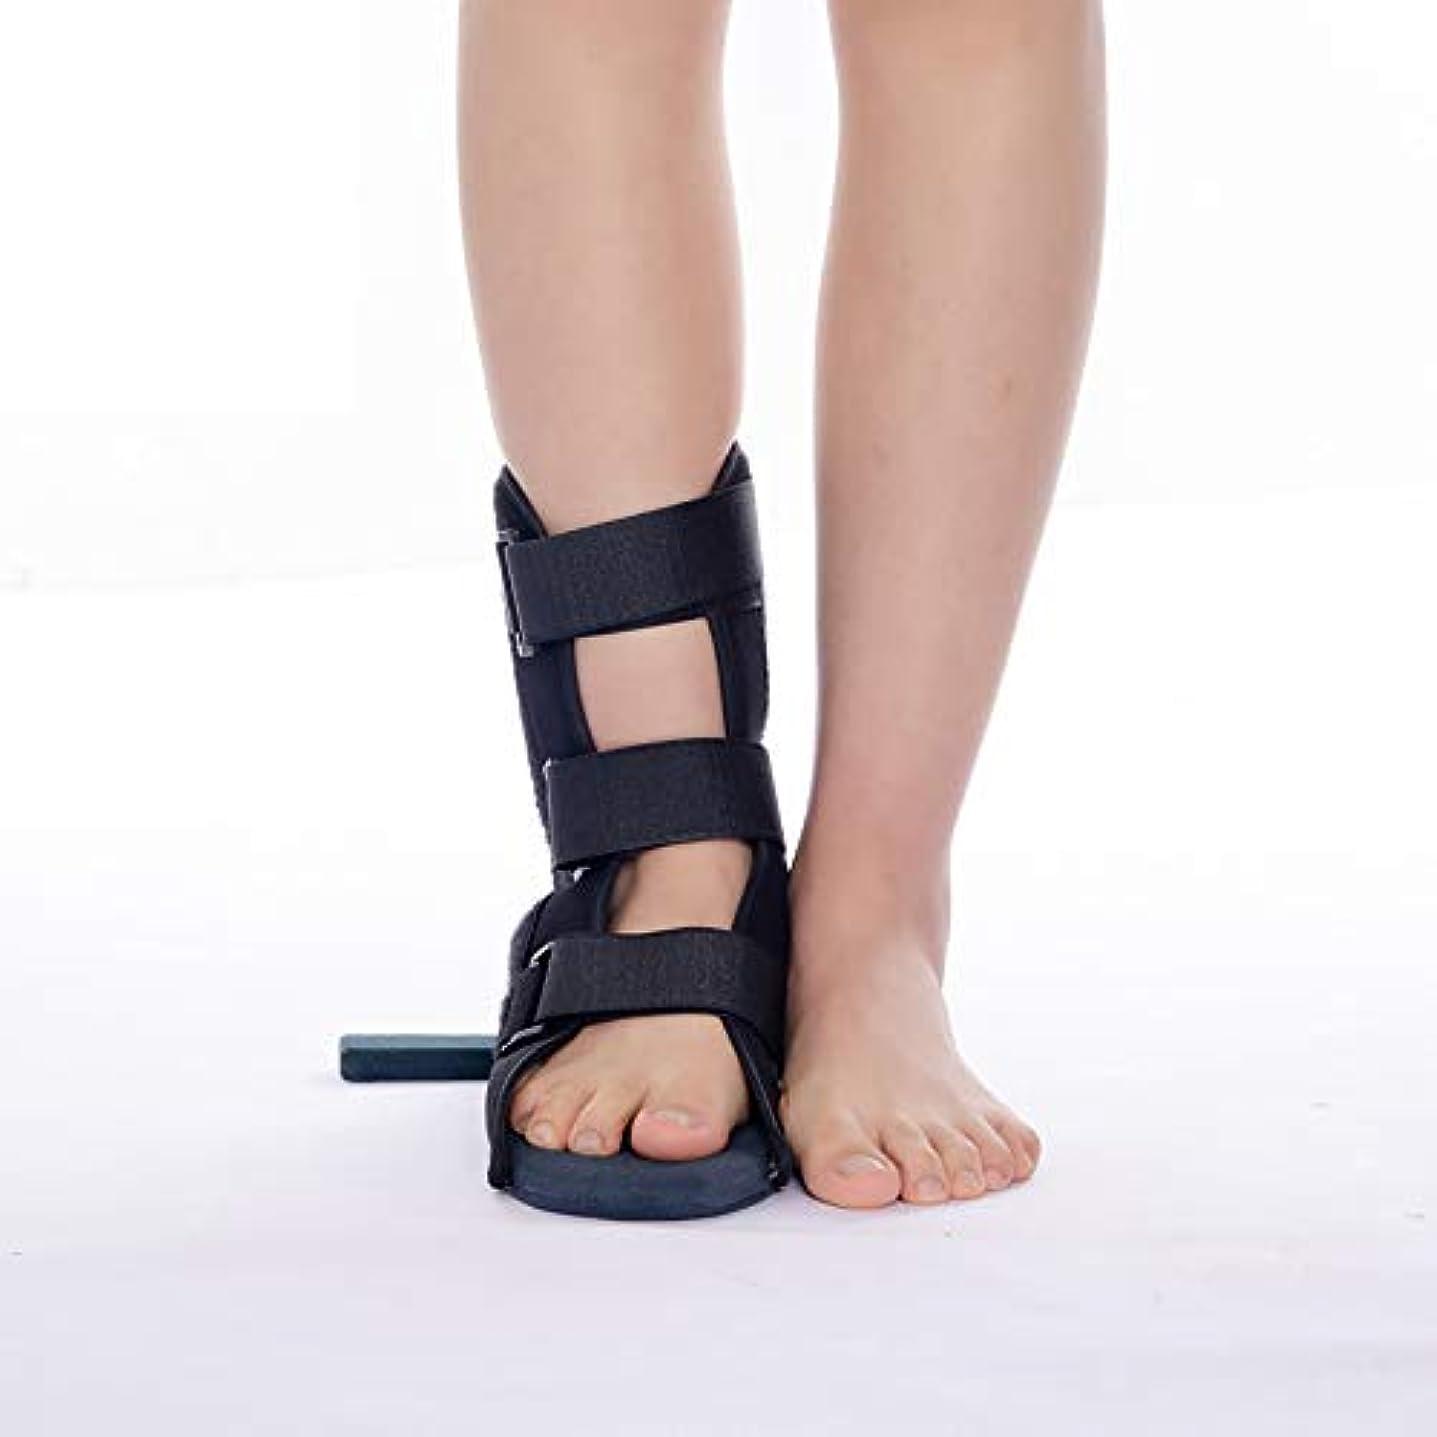 ブースト支援する合体足固定整形外科用靴足ブレースサポート回転防止足首捻挫スタビライザーブーツ用足首関節捻挫骨折リハビリテーション